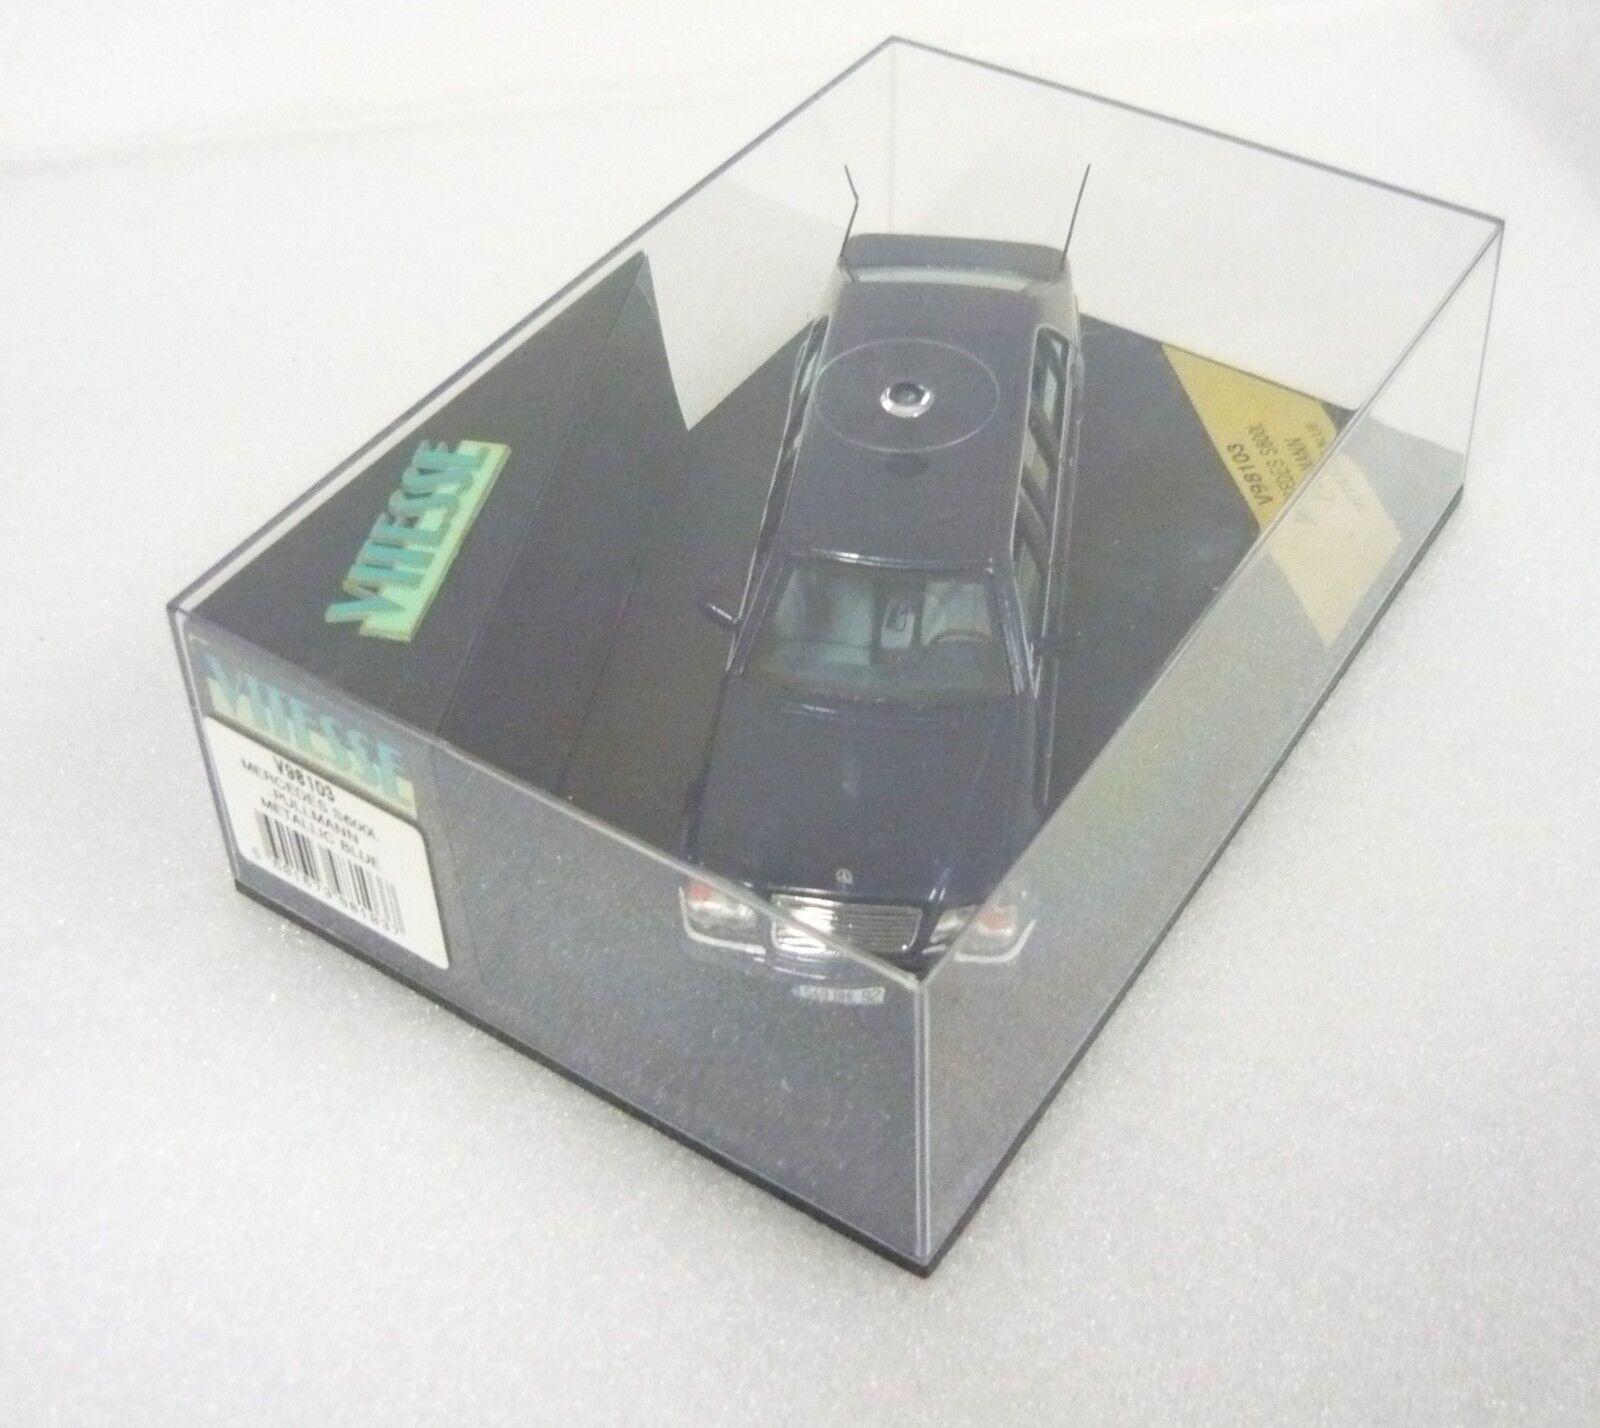 Vitesse v98103, mercedes s 600 L, Delux 1998, 1998, 1998, metalizado azul, lim., 1 43,neu&ovp b14e34